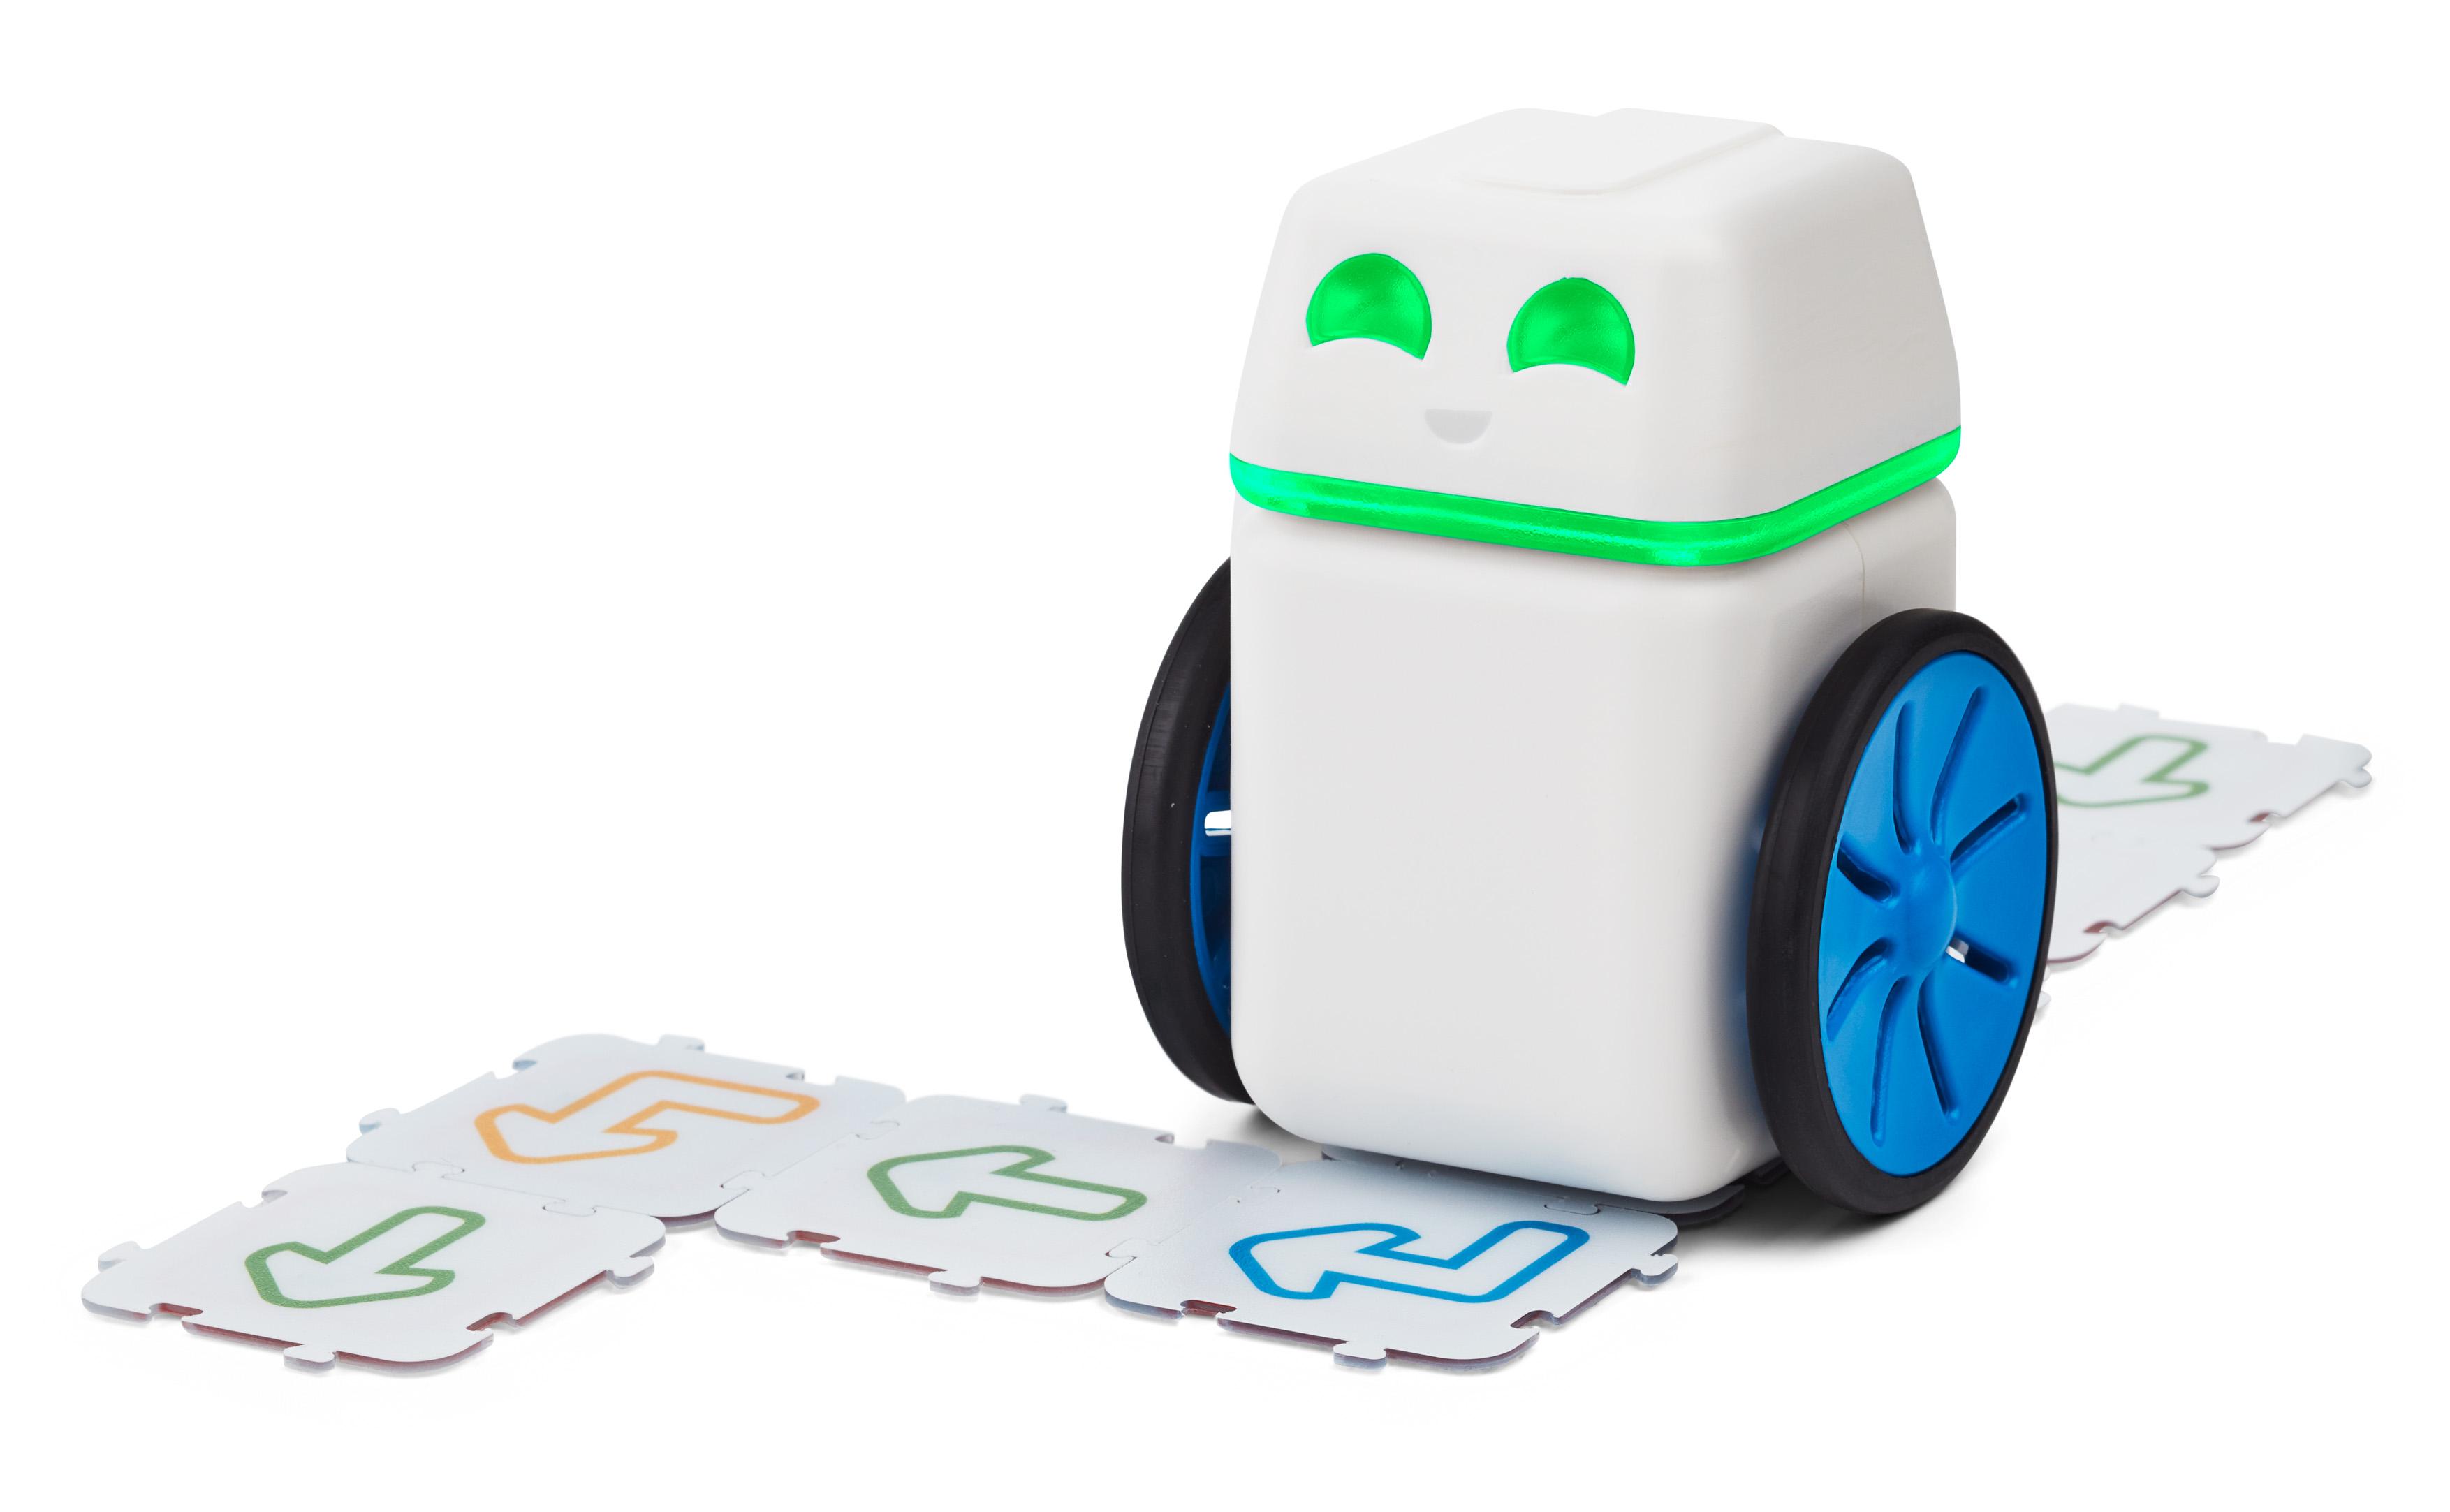 Edukacinis robotas KUBO Pradedantiesiems (4+)